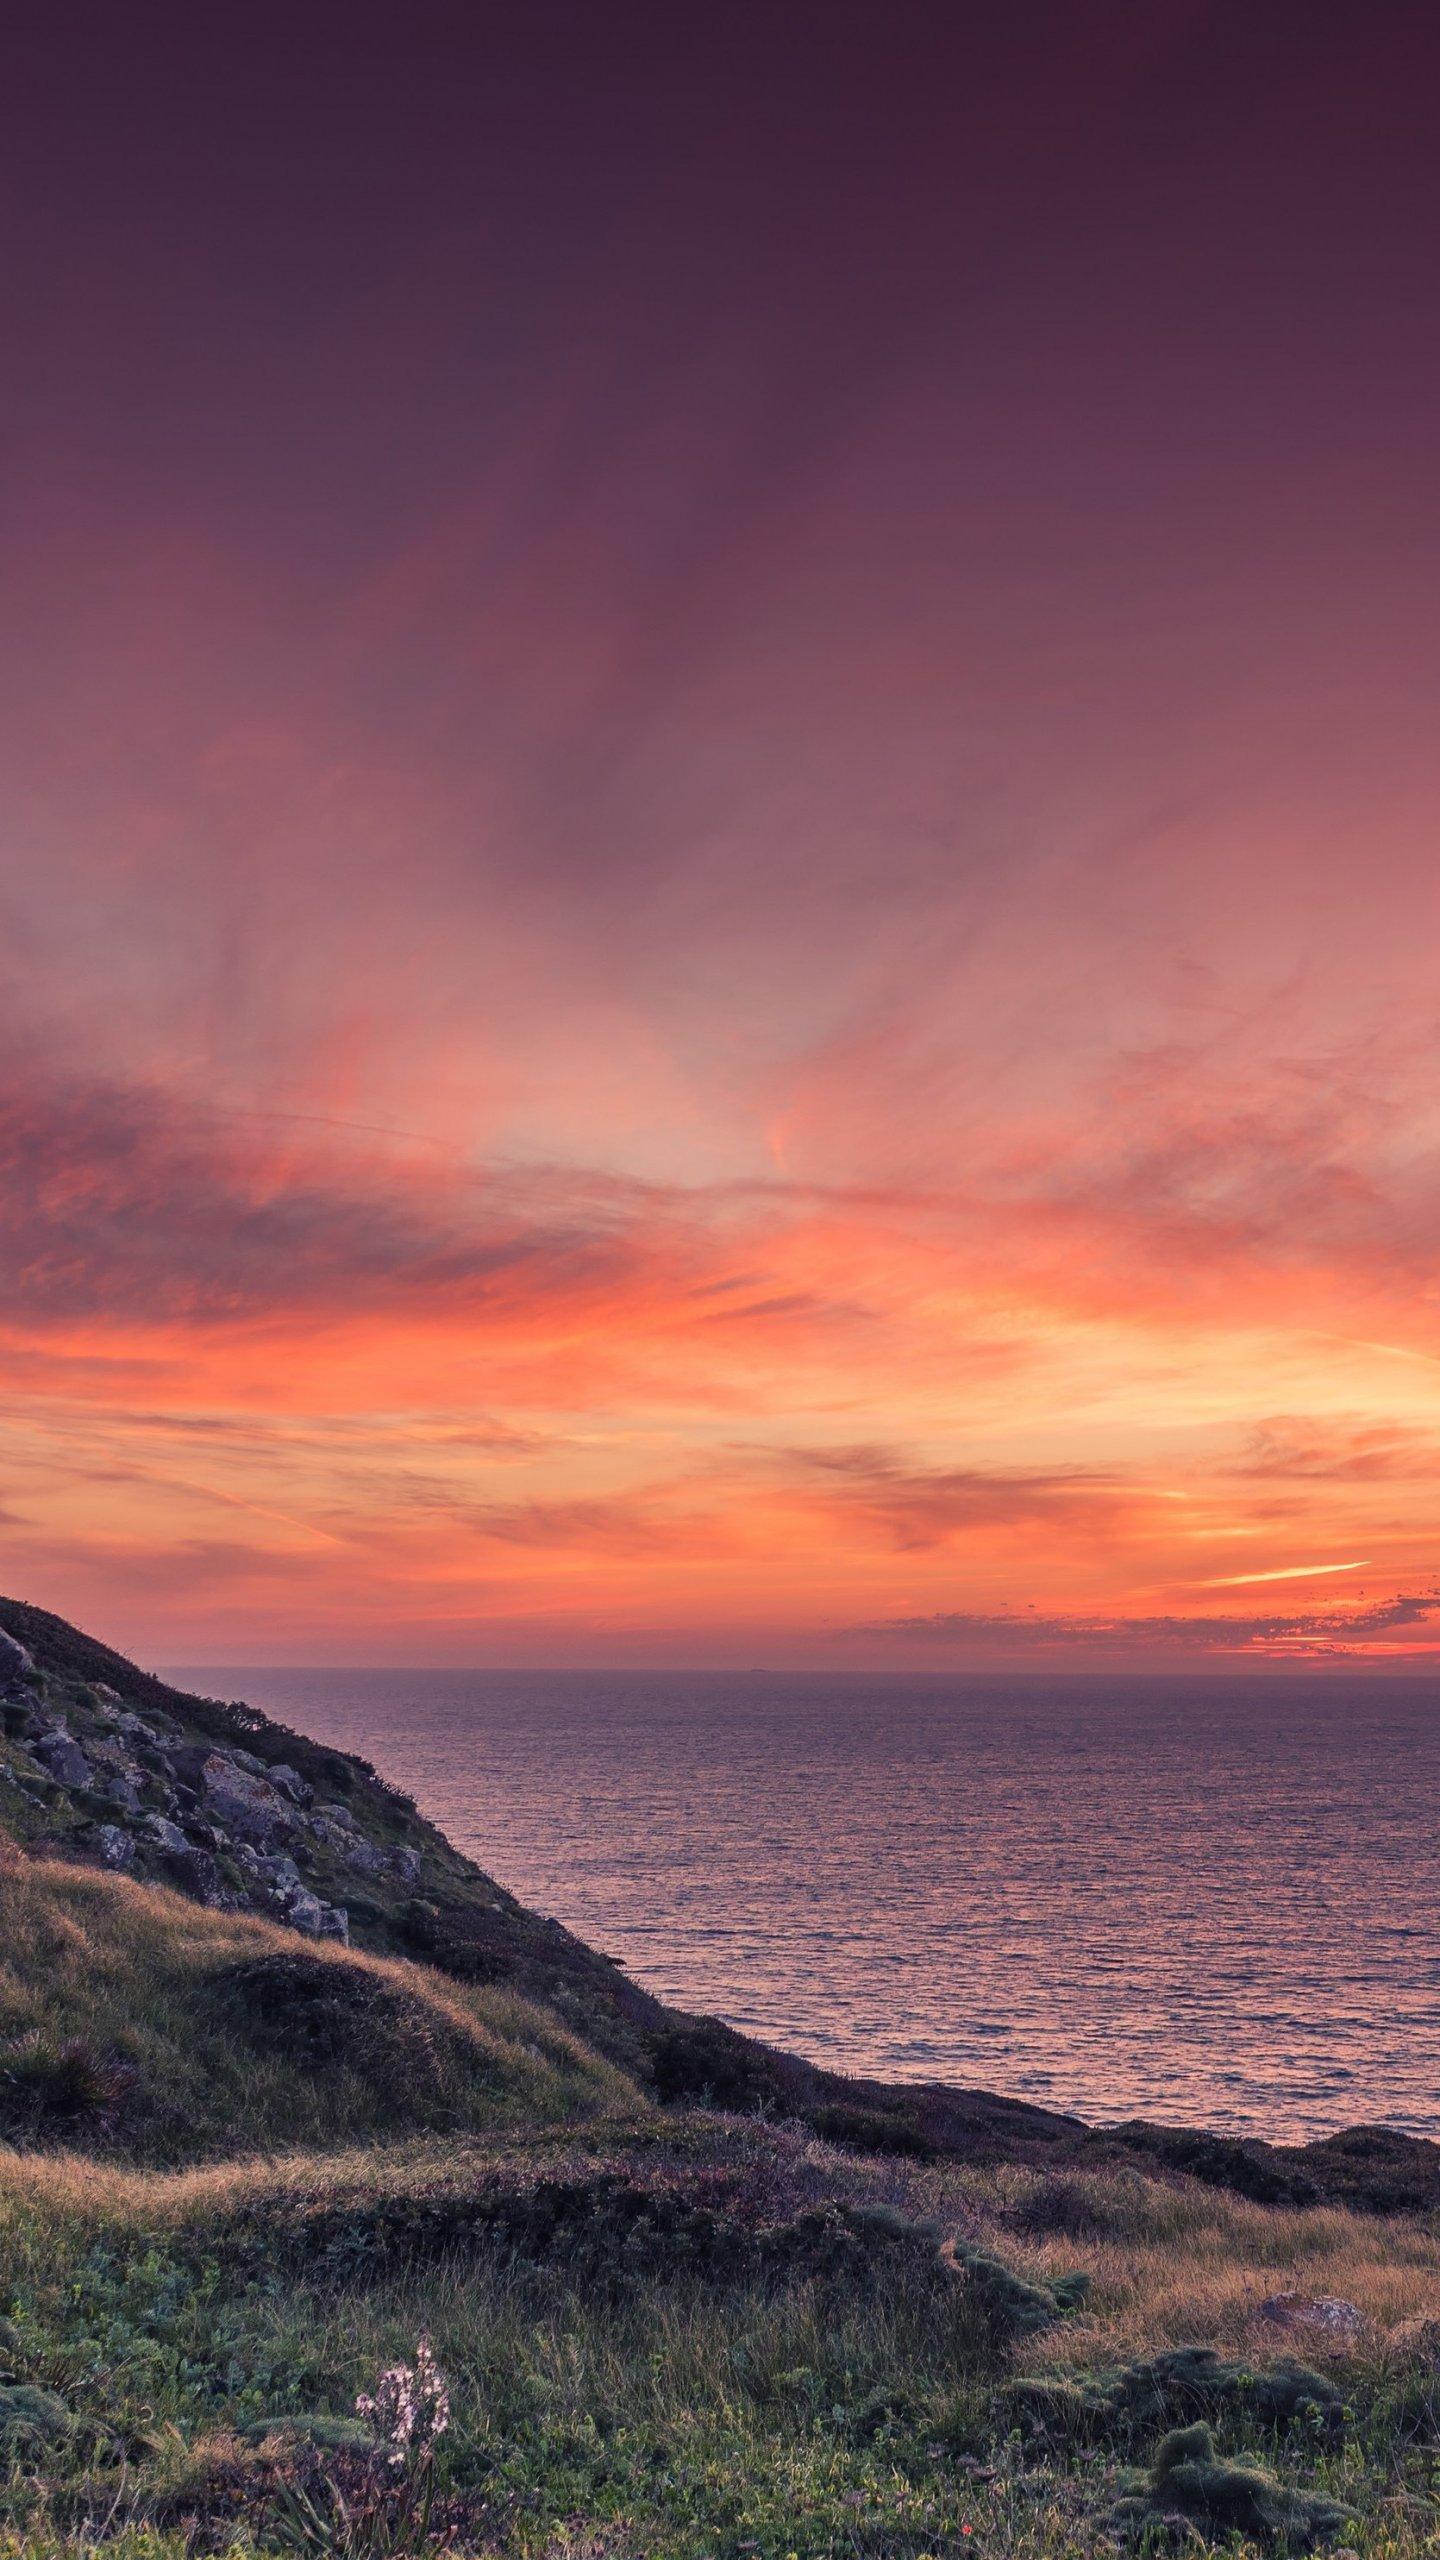 Ocean Sunset Ocean Sunset Wallpaper Iphone, Hd Wallpapers